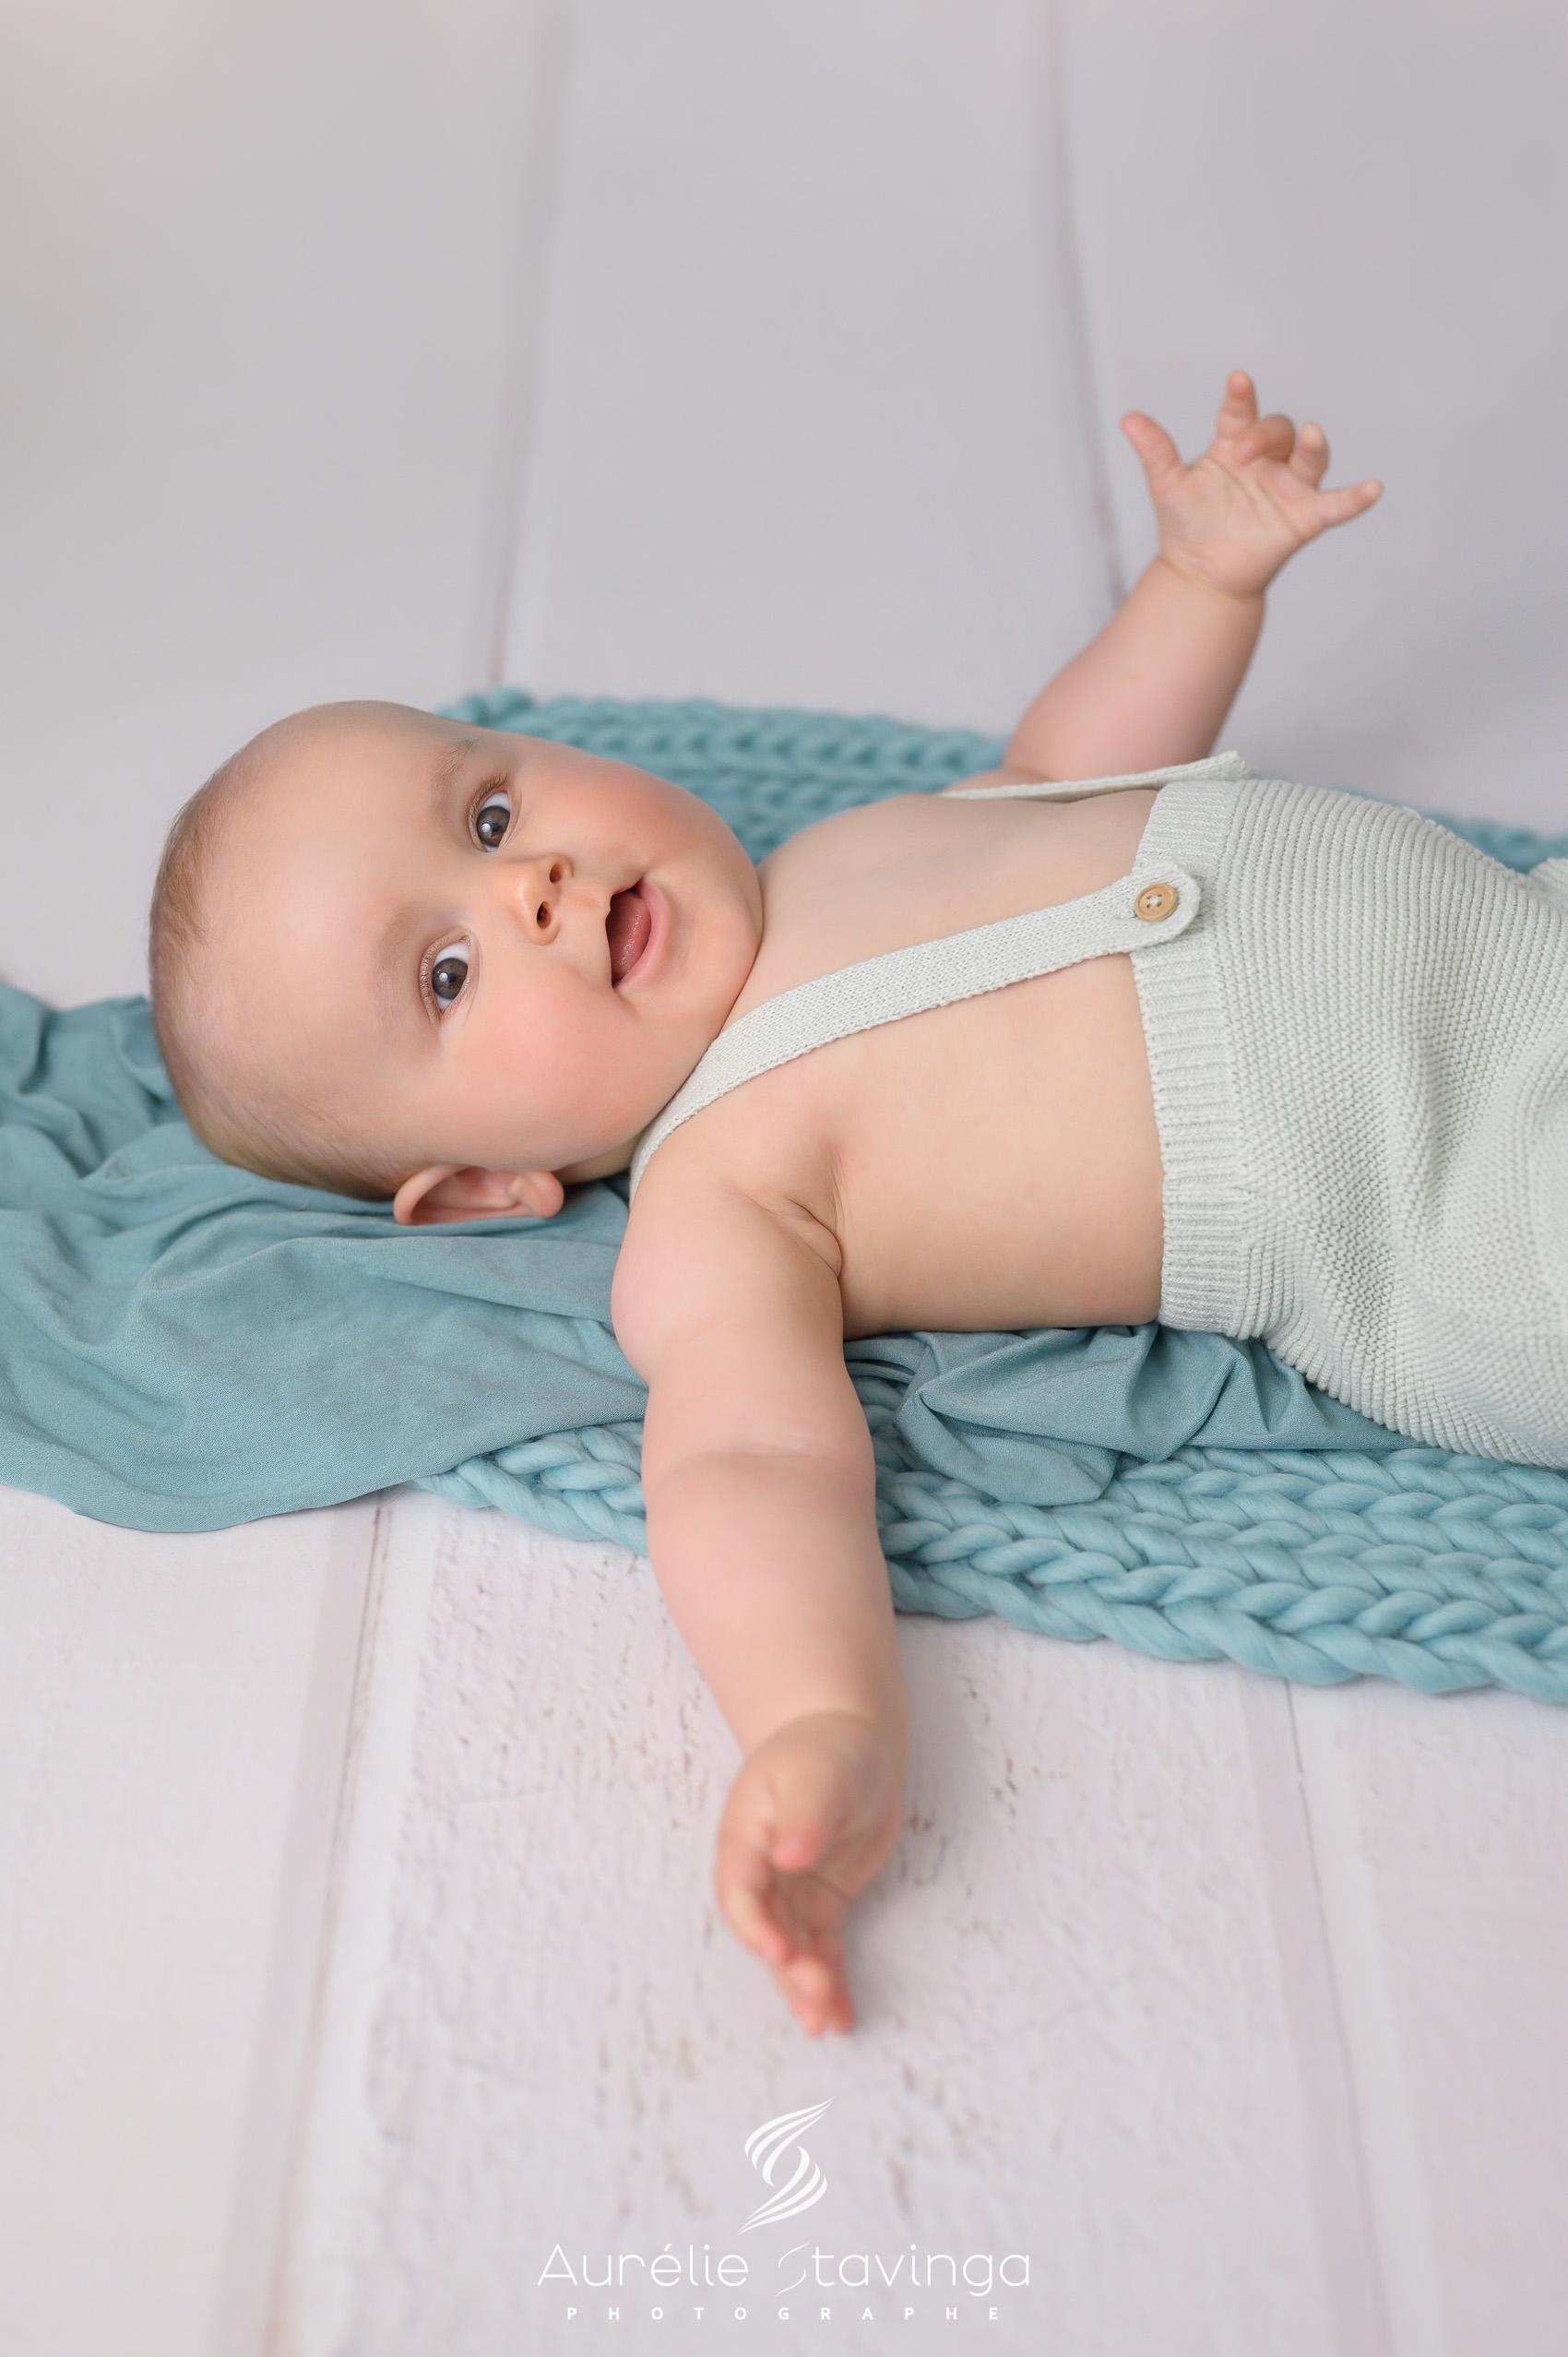 Photographe bébé à Tullins près de Voiron et Grenoble   Photo de bébé 3-6 mois, bébé fille au yeux bleus en robe bleue avec noeud dans les cheveux